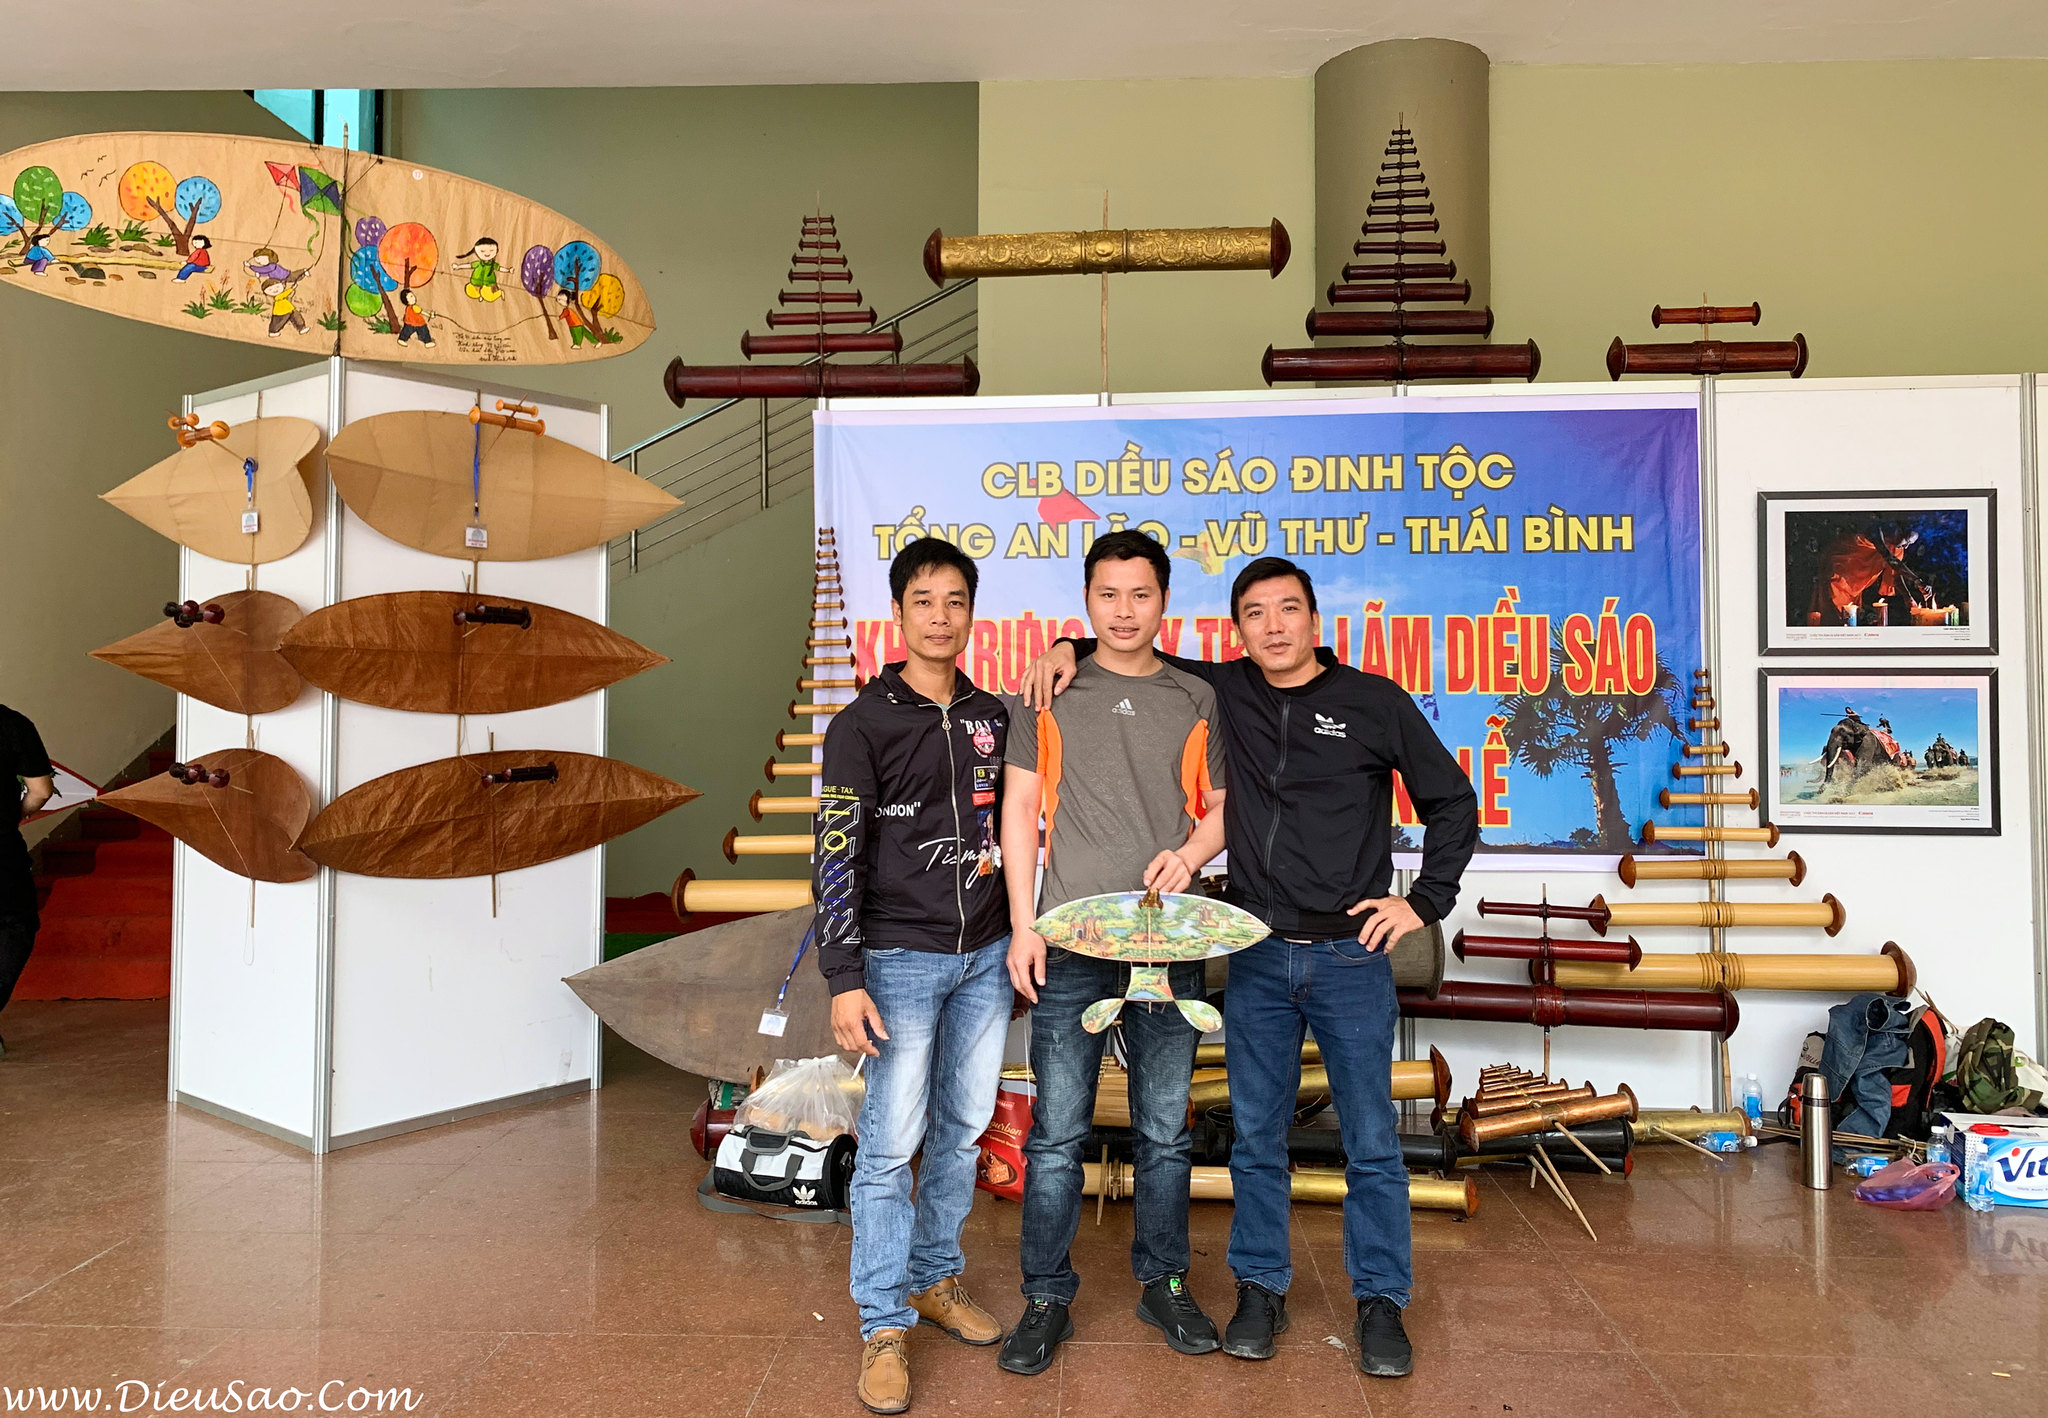 CLB Dieu Hoa Phuong Do va HQDSHN tai Trien Lam Di San Dieu Viet Nam